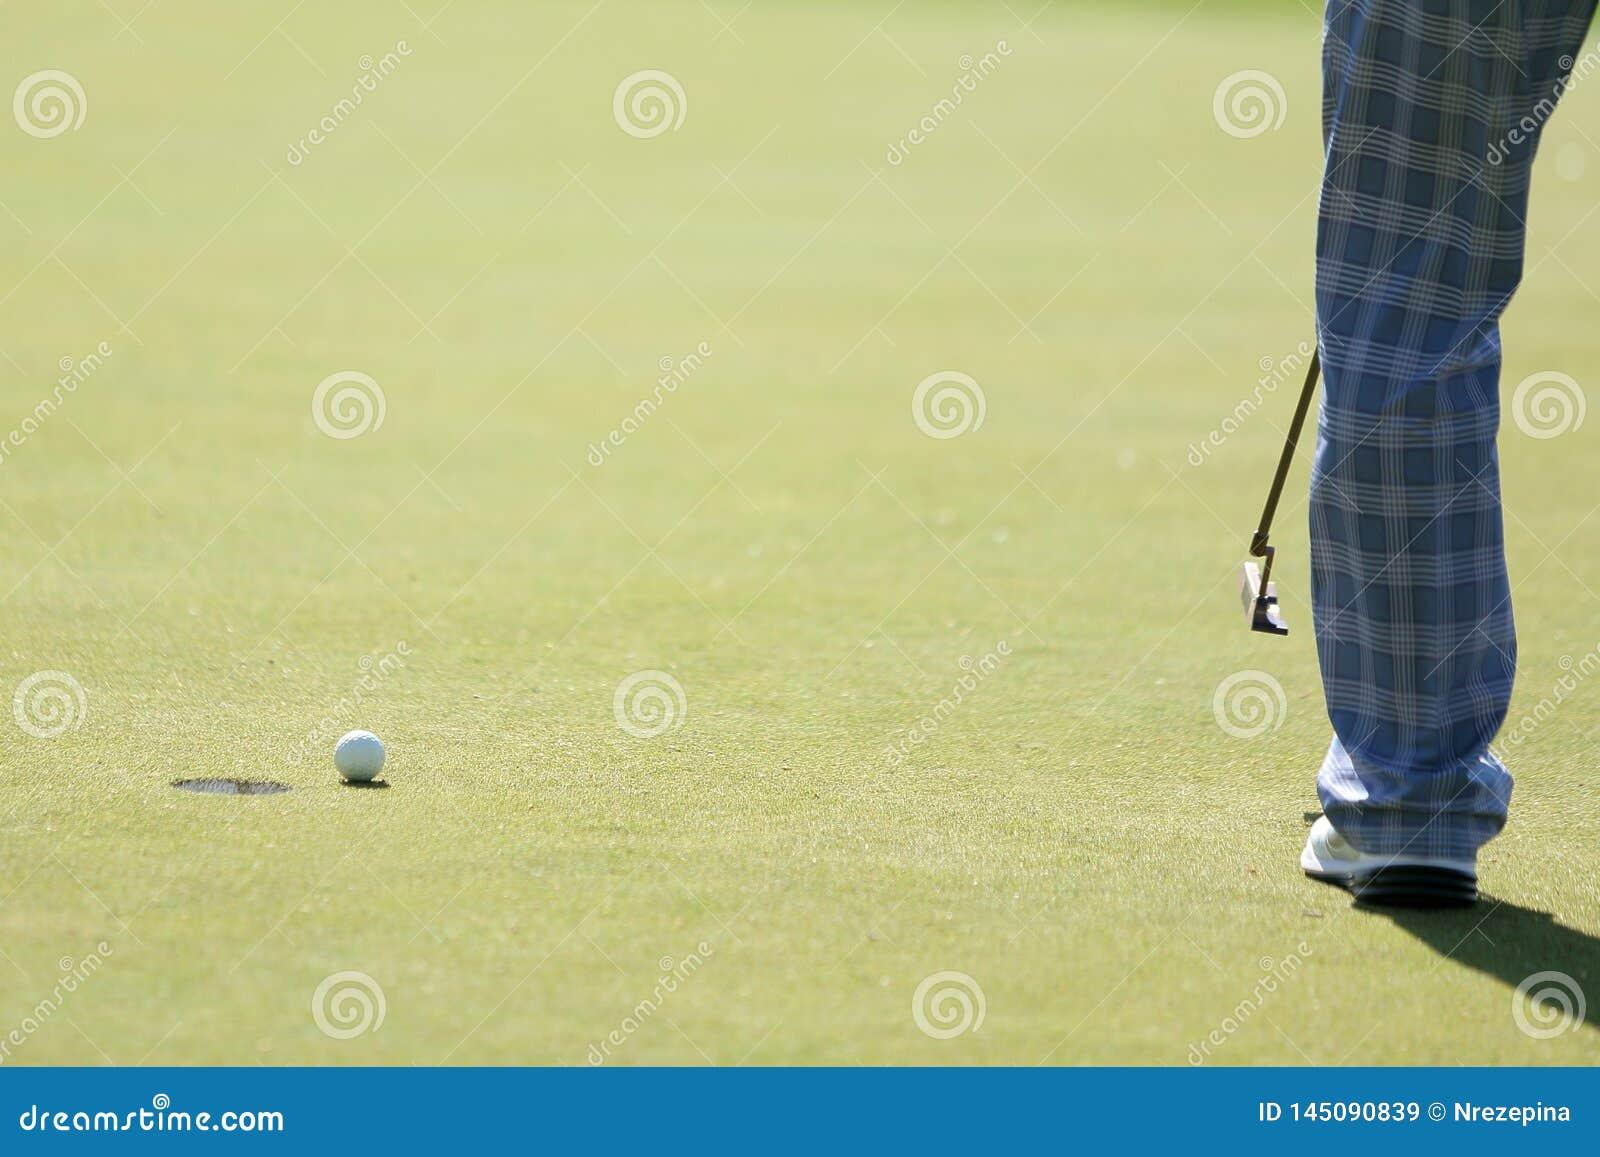 Een golfspeler doet het zetten aan een gat